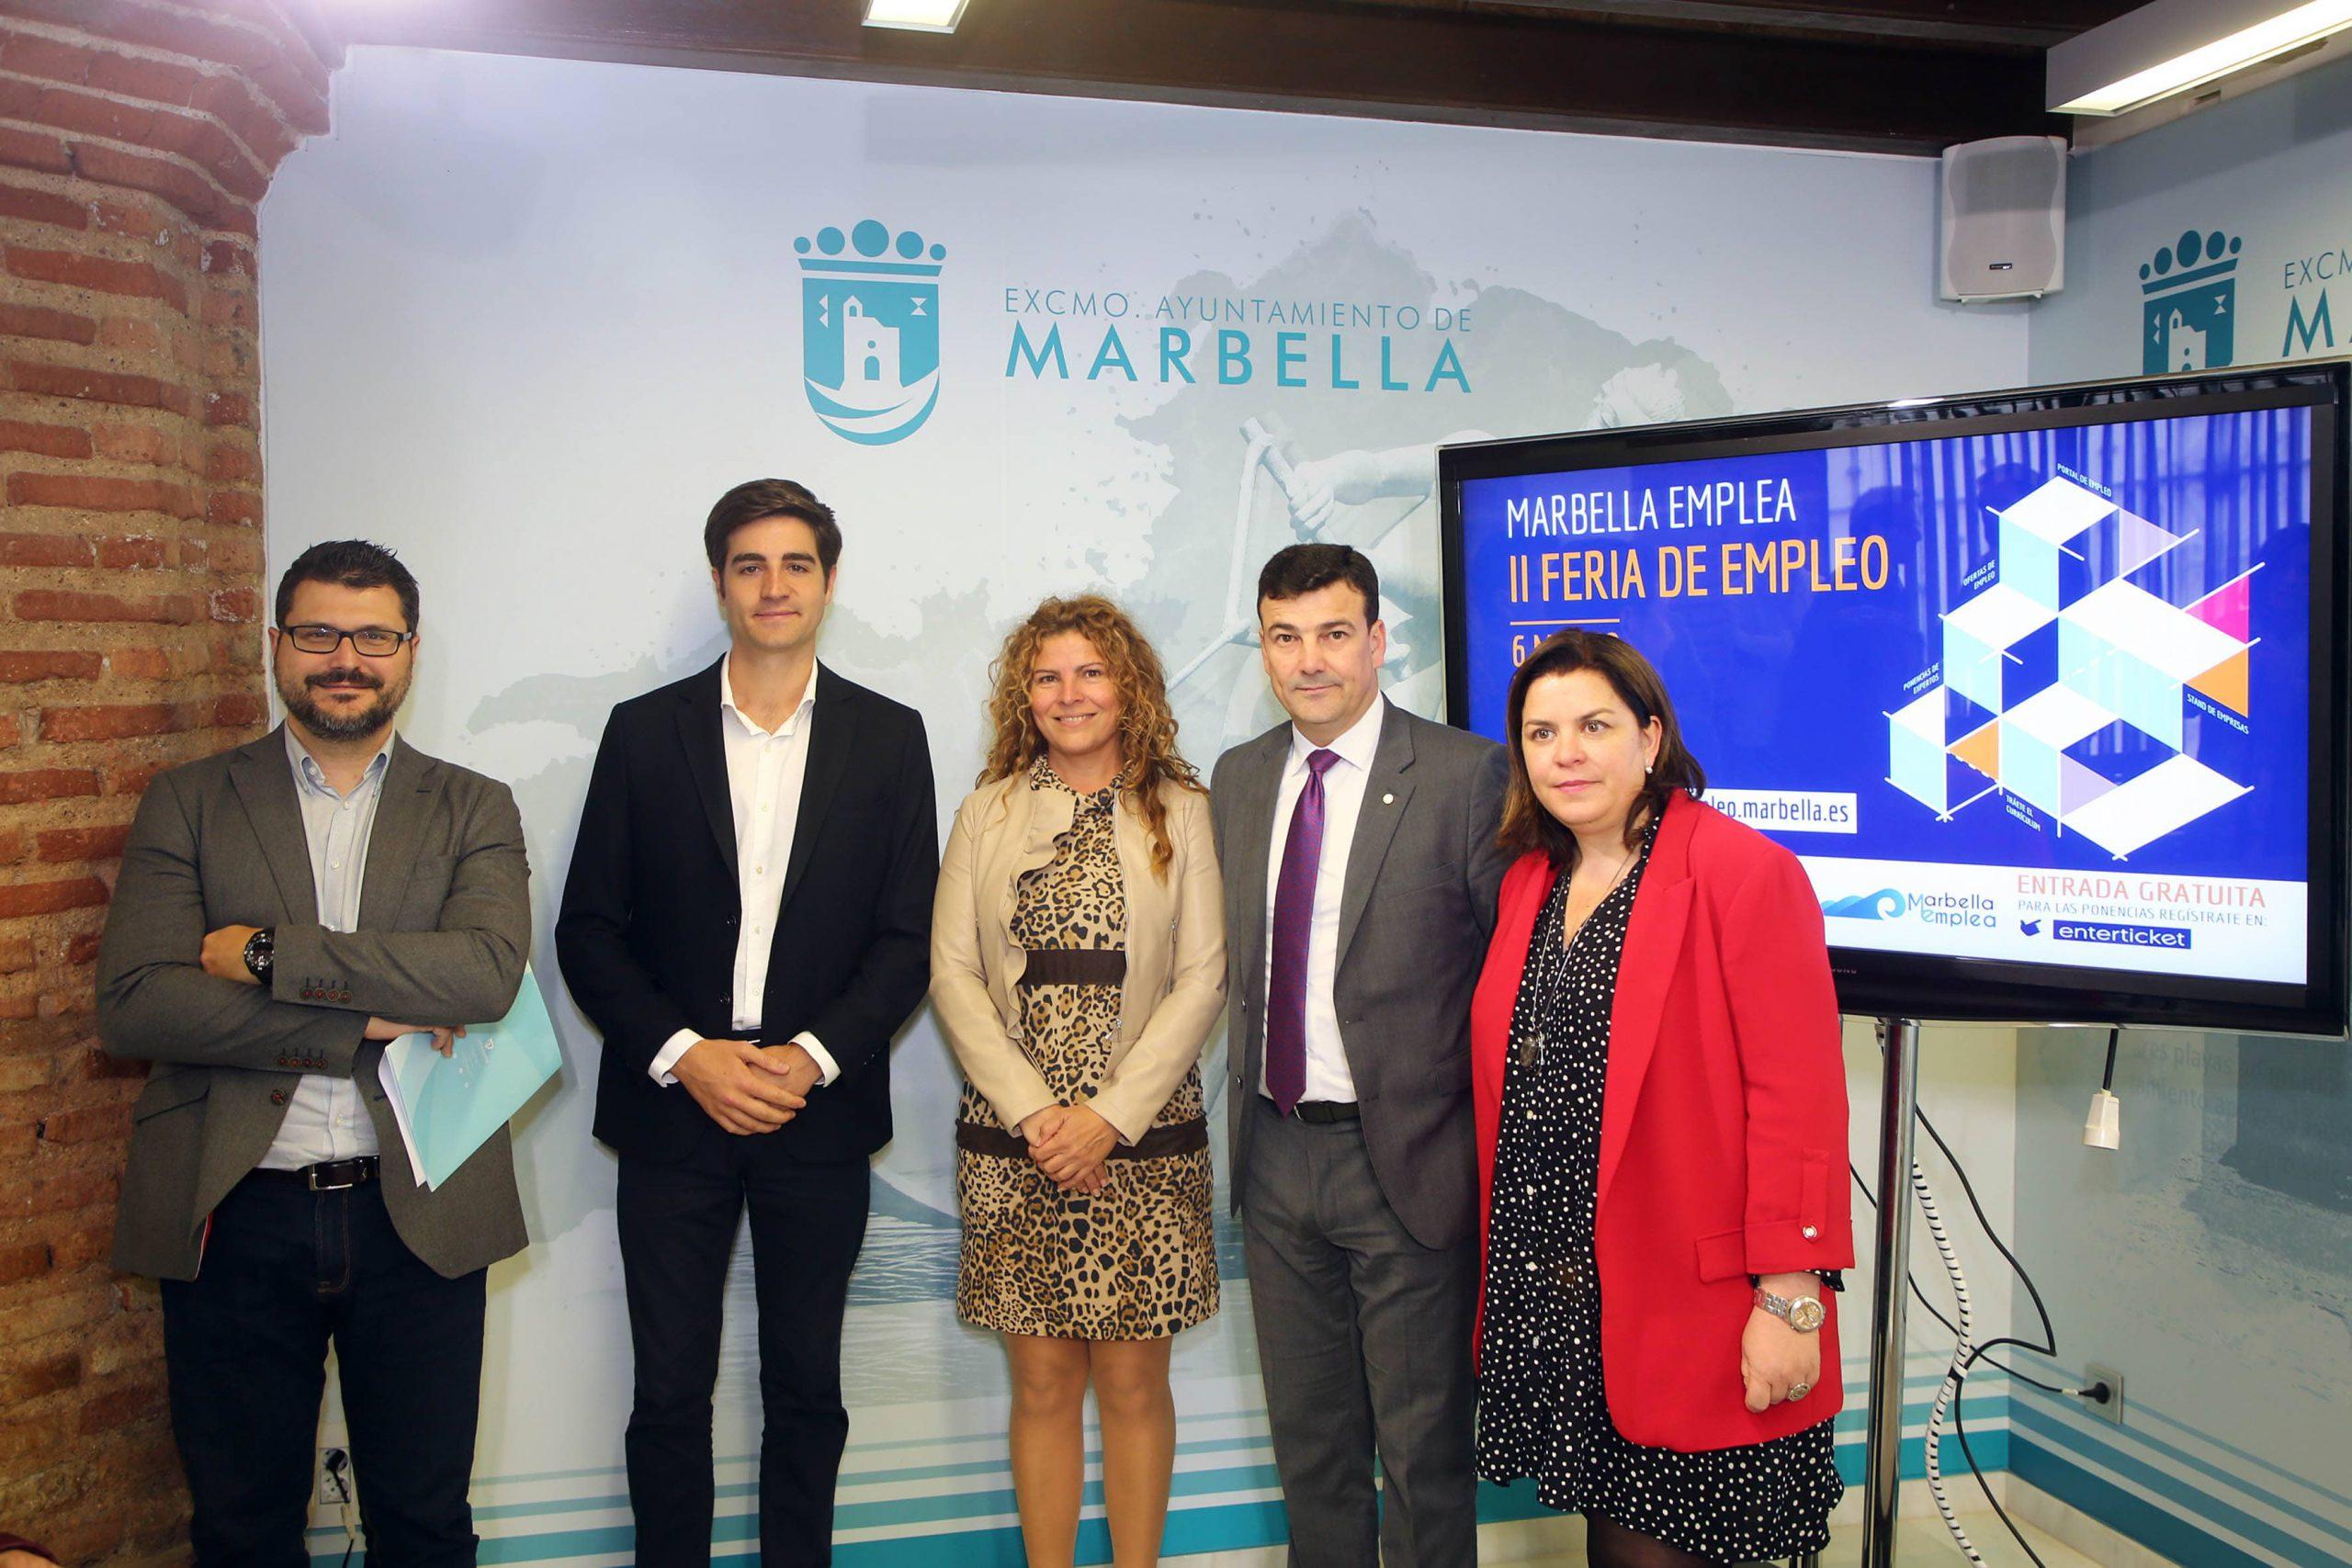 La II edición de la Feria de Empleo de Marbella se celebrará el 6 de marzo